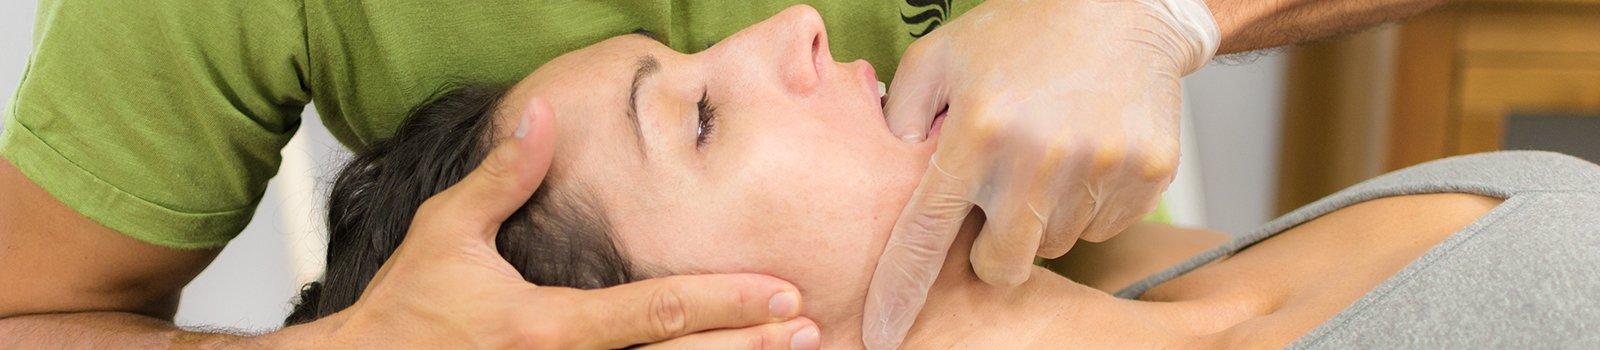 Abordaje de la ATM (Articulación temporomandibular)